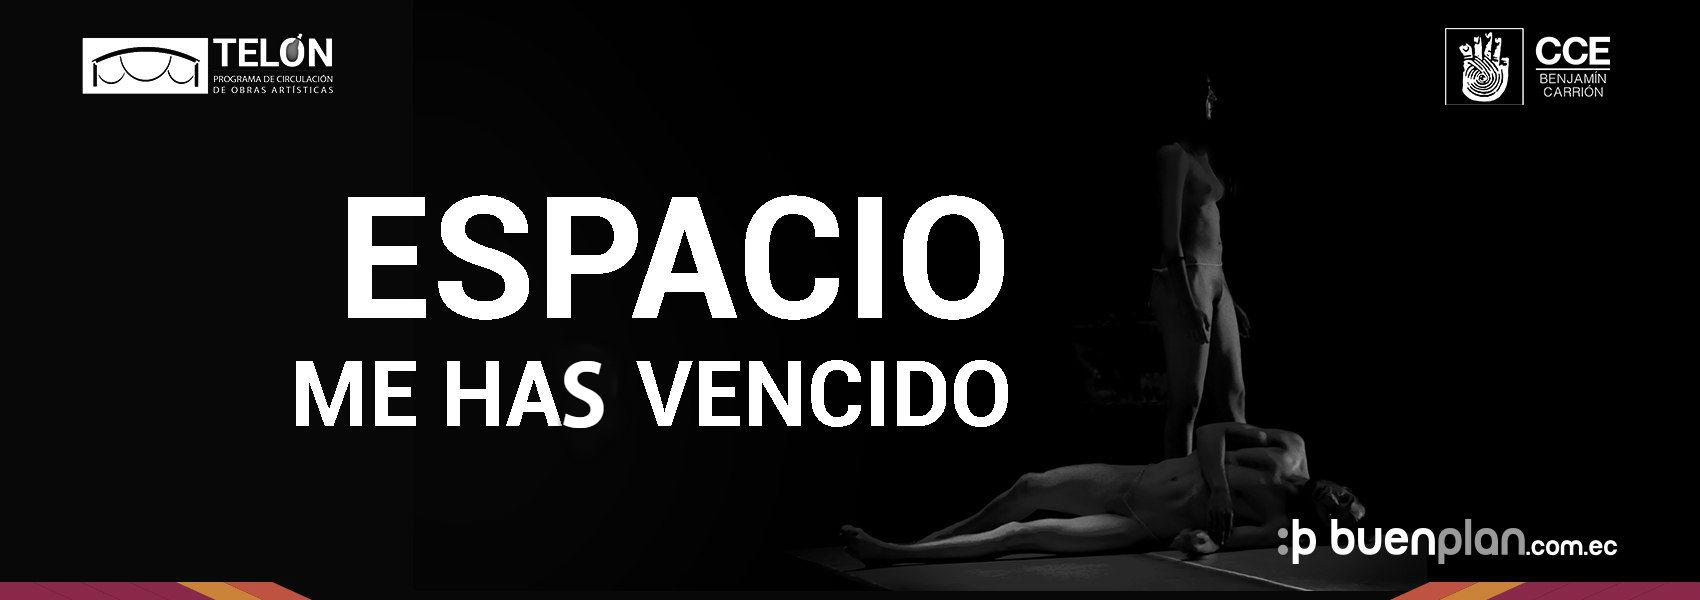 Espacio me has Vencido - 18 de Diciembre en Quito, BuenPlan